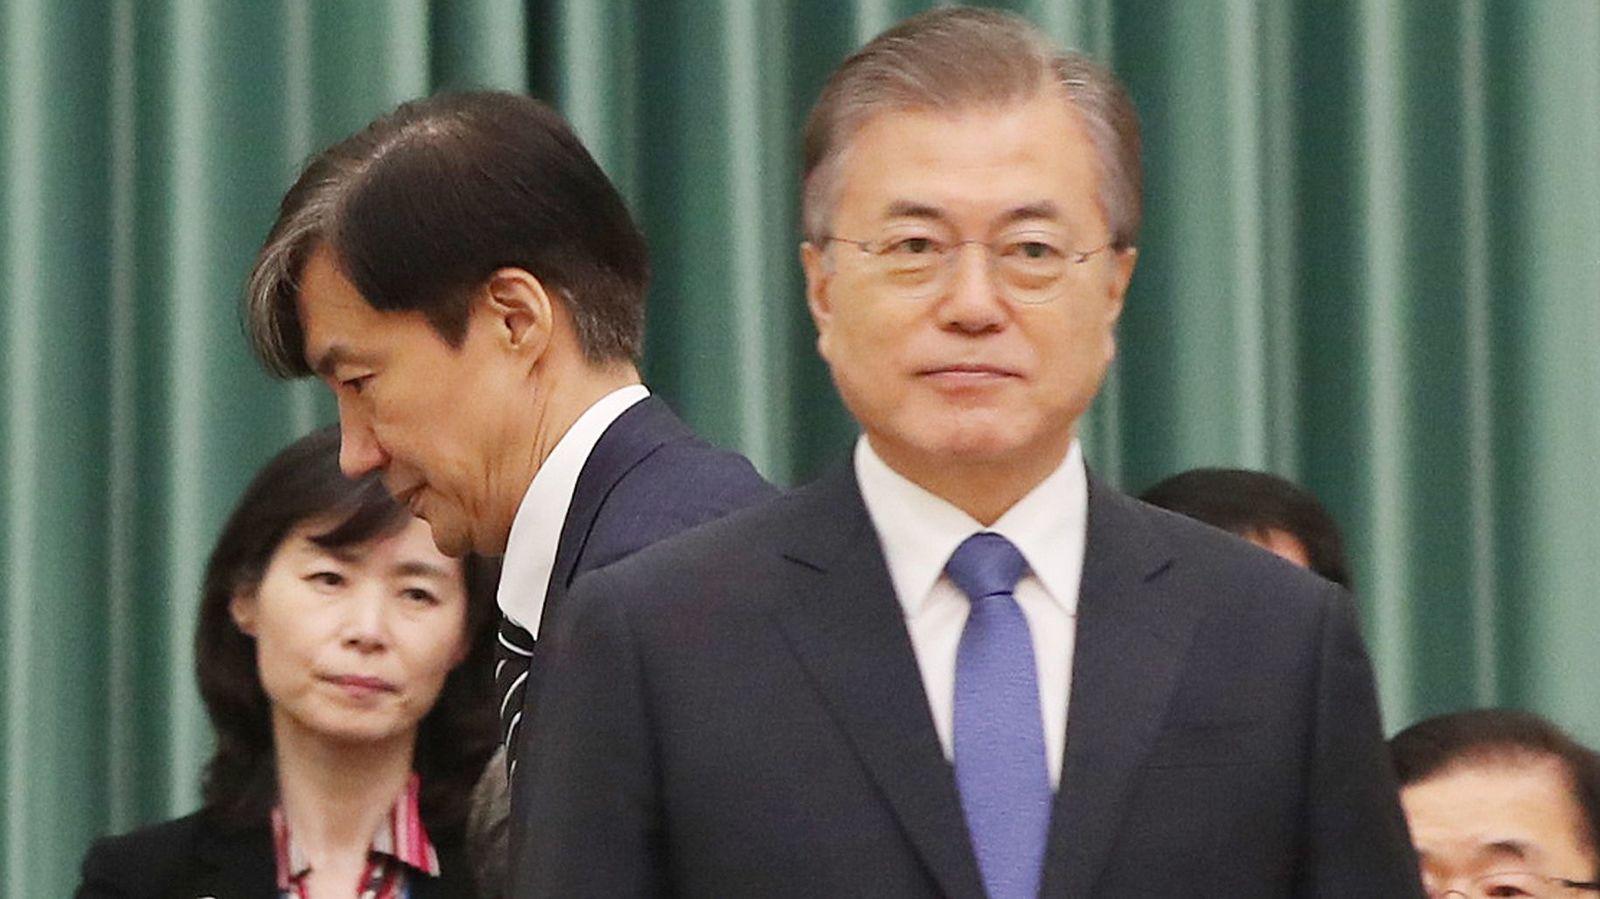 「キャッシュレス還元」に頼った韓国経済の末路 「何でもカード」で家計は破綻寸前